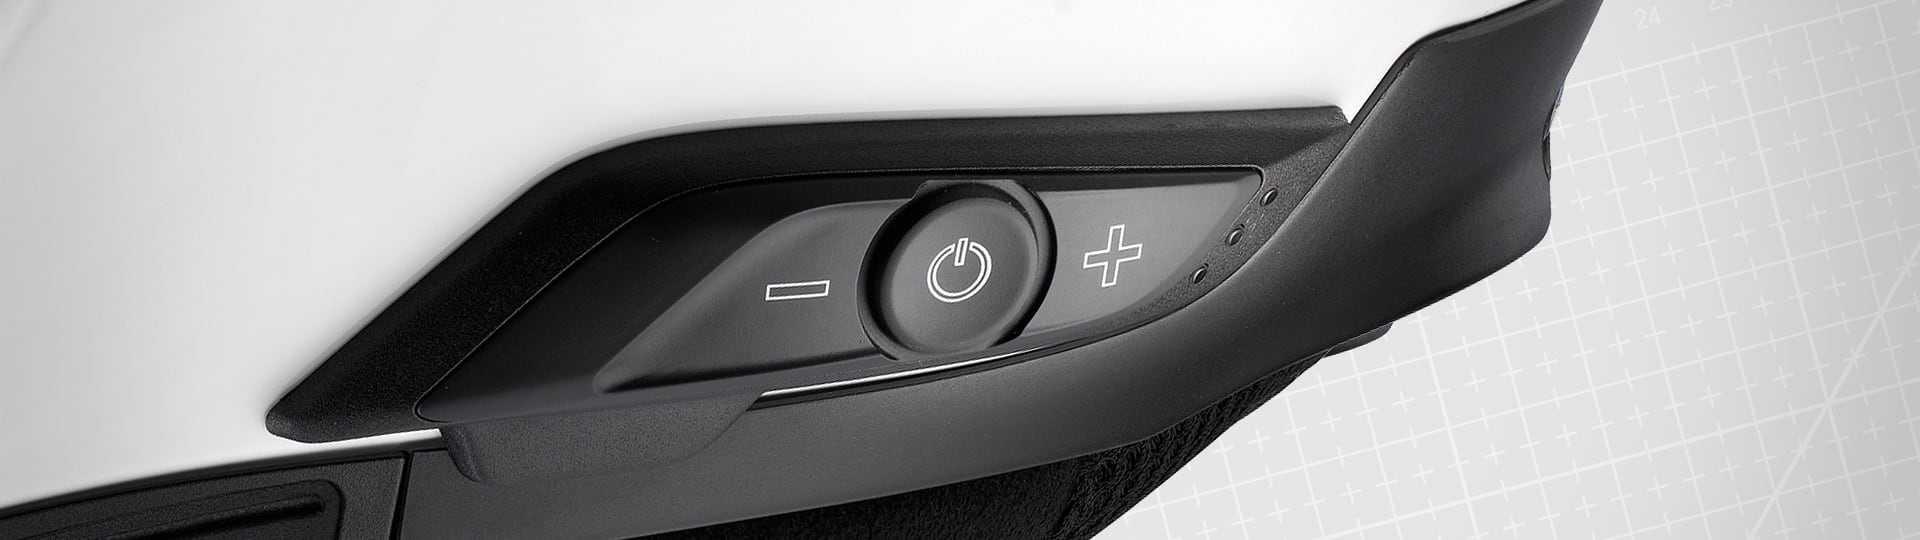 Как установить карты на BMW NAVIGATOR VI . Безвозмездная помощь и обмен опытом.